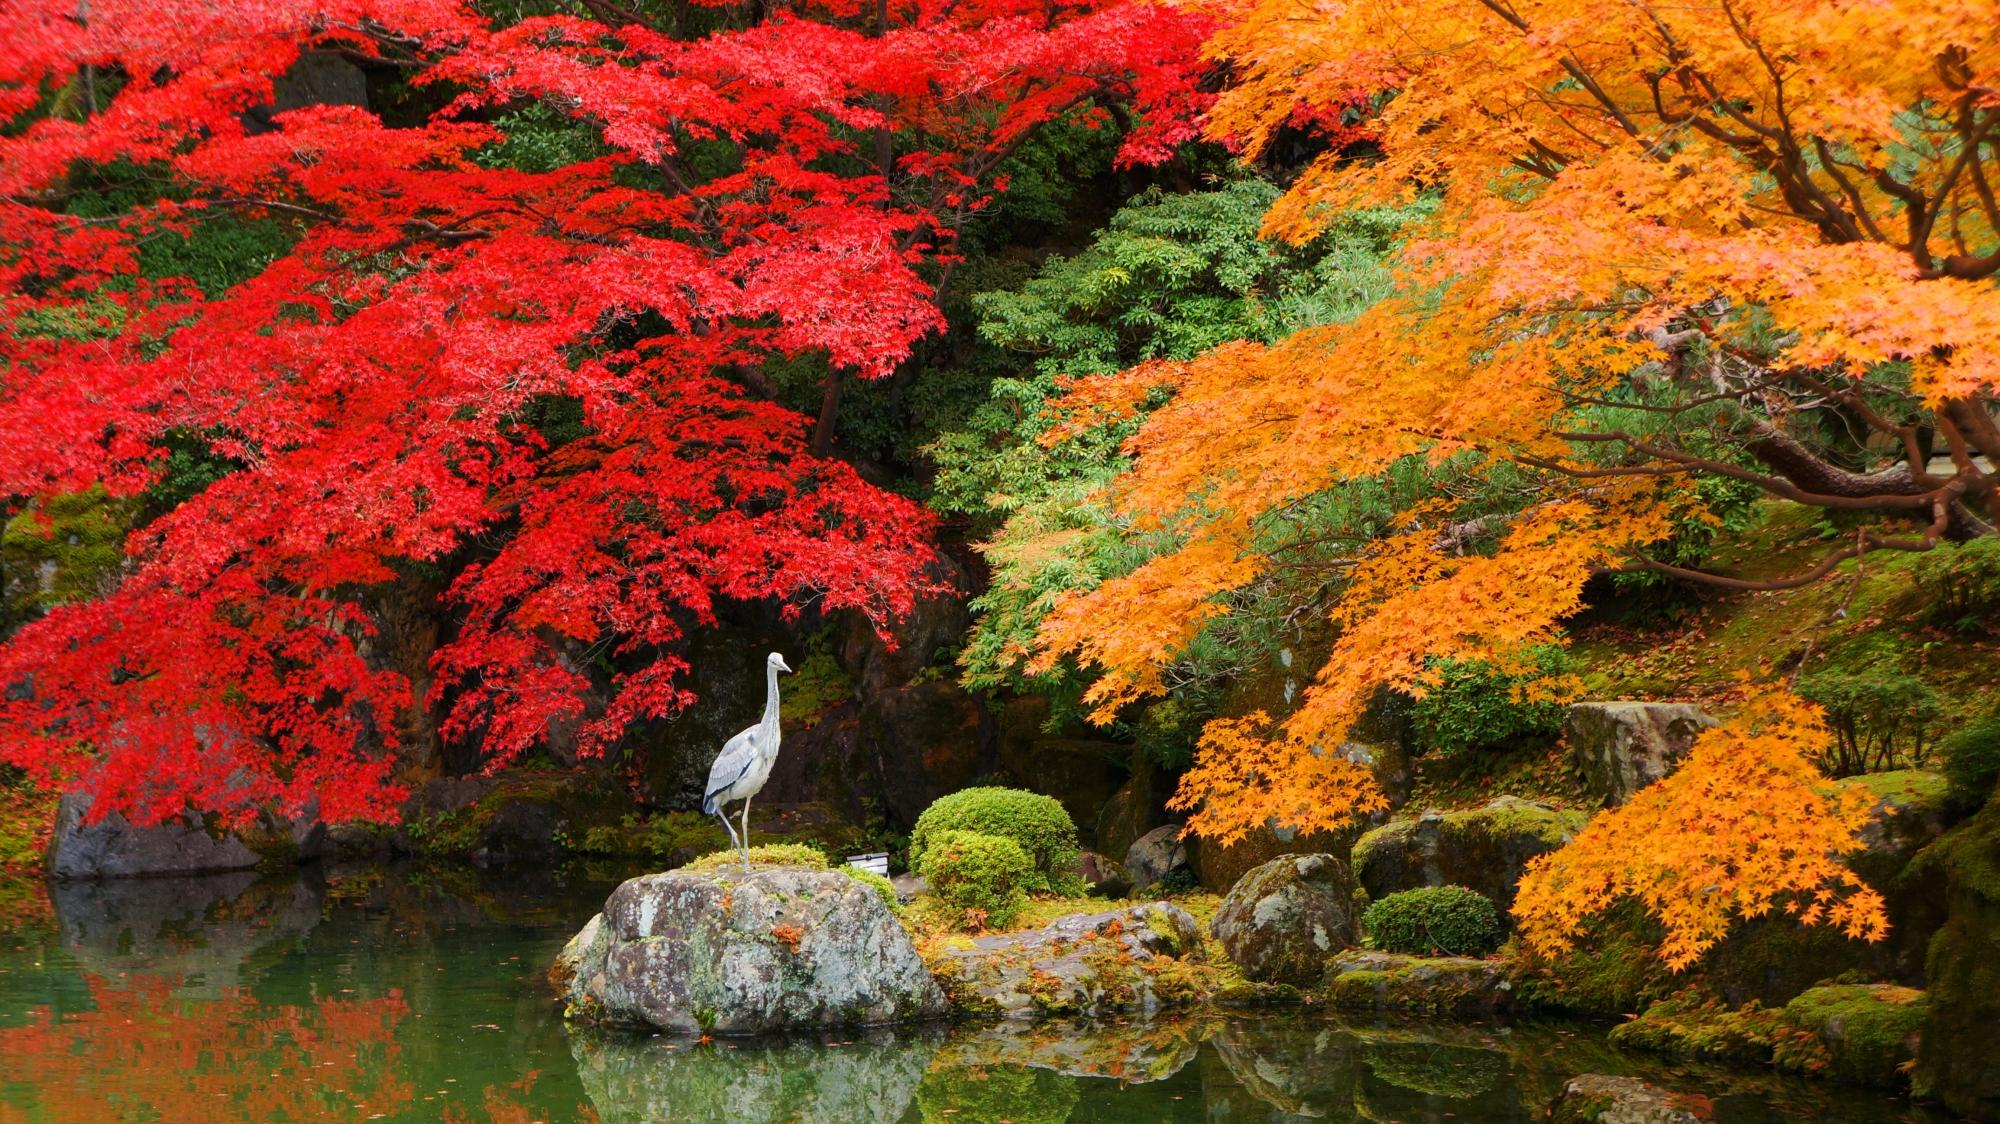 友禅苑の紅葉につつまれた岩の上の鳥